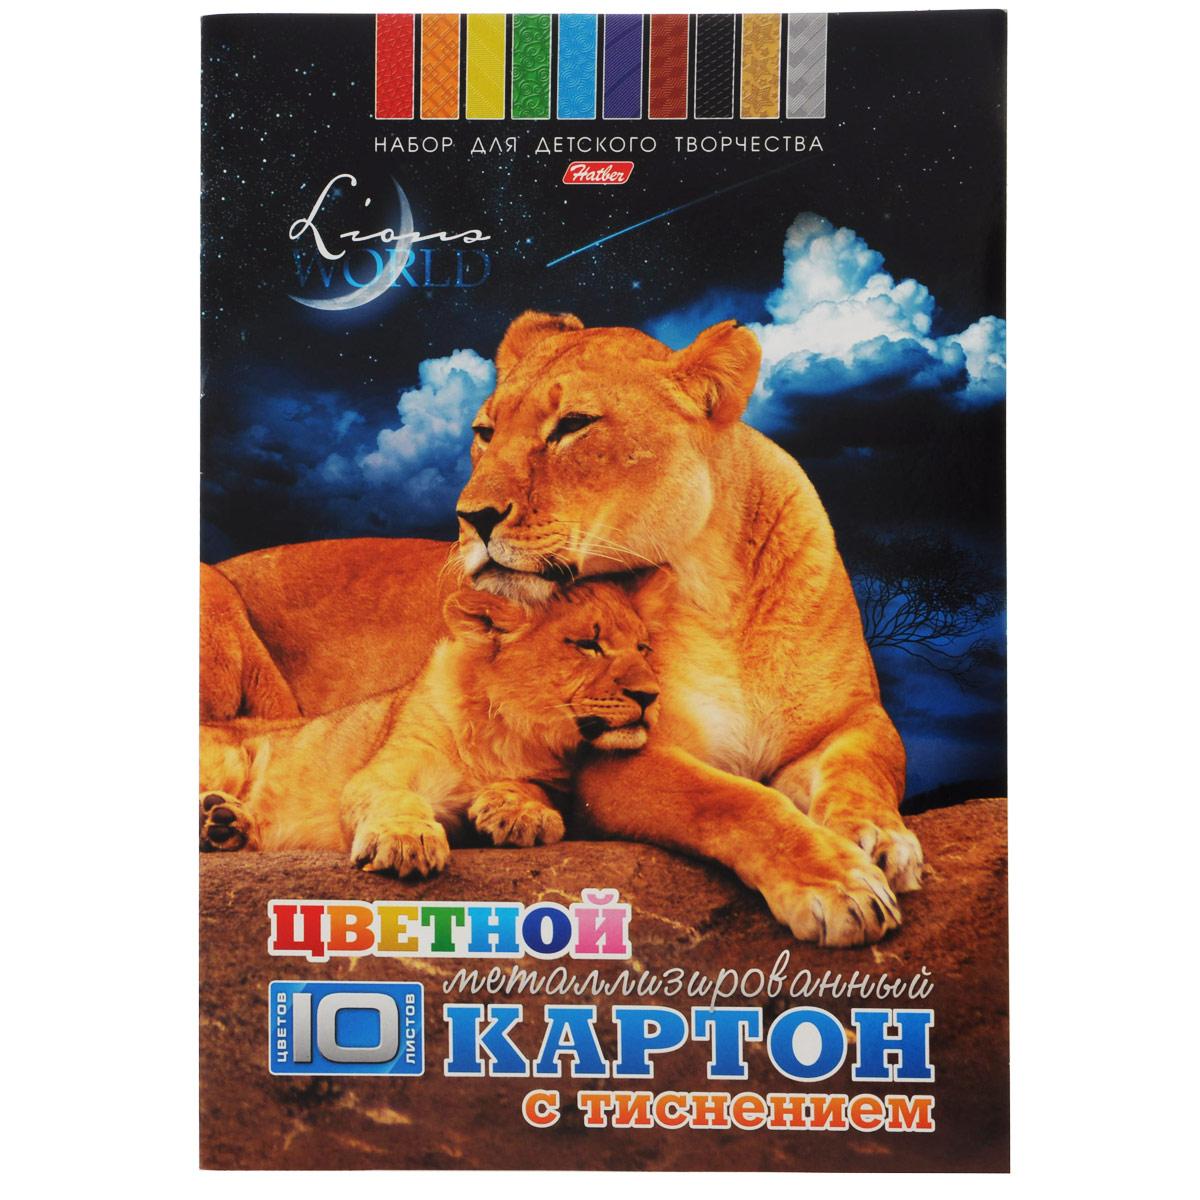 Цветной картон Hatber Мамина любовь, металлизированный, с тиснением, 10 листов11-410-145Цветной металлизированный картон Hatber Мамина любовь позволит вашему ребенку создавать всевозможные аппликации и поделки. Набор состоит из десяти листов картона зеленого, красного, сине-фиолетового, черного, золотистого, серебристого, коричневого, желтого, светло-зеленого и синего цветов с объемным тиснением различными узорами. Картон упакован в яркую оригинальную картонную папку. Создание поделок из цветного картона поможет ребенку в развитии творческих способностей, кроме того, это увлекательный досуг.Рекомендуемый возраст от 6 лет.